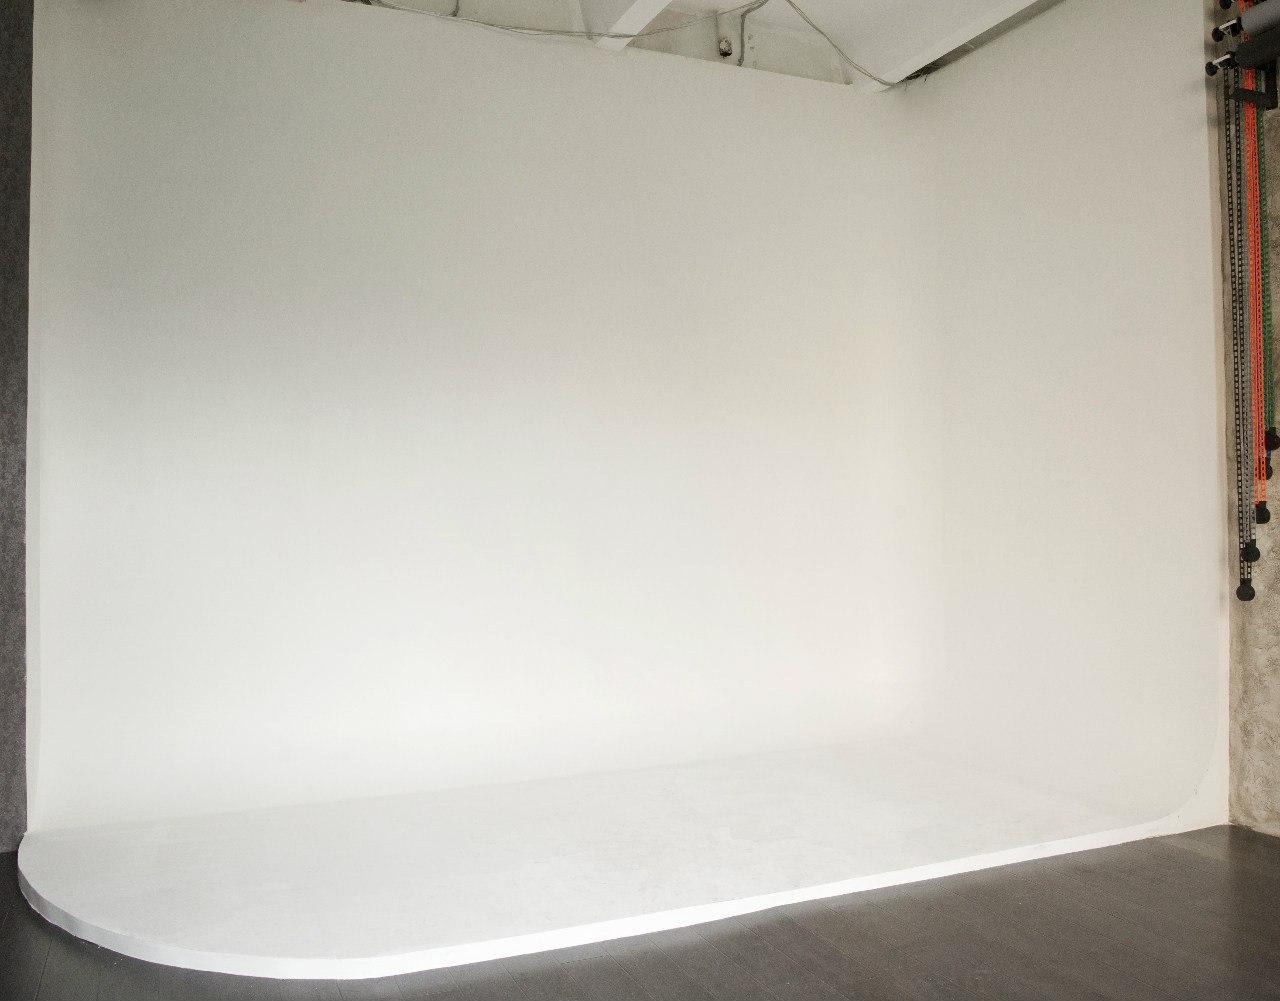 Белый фон для студии своими руками